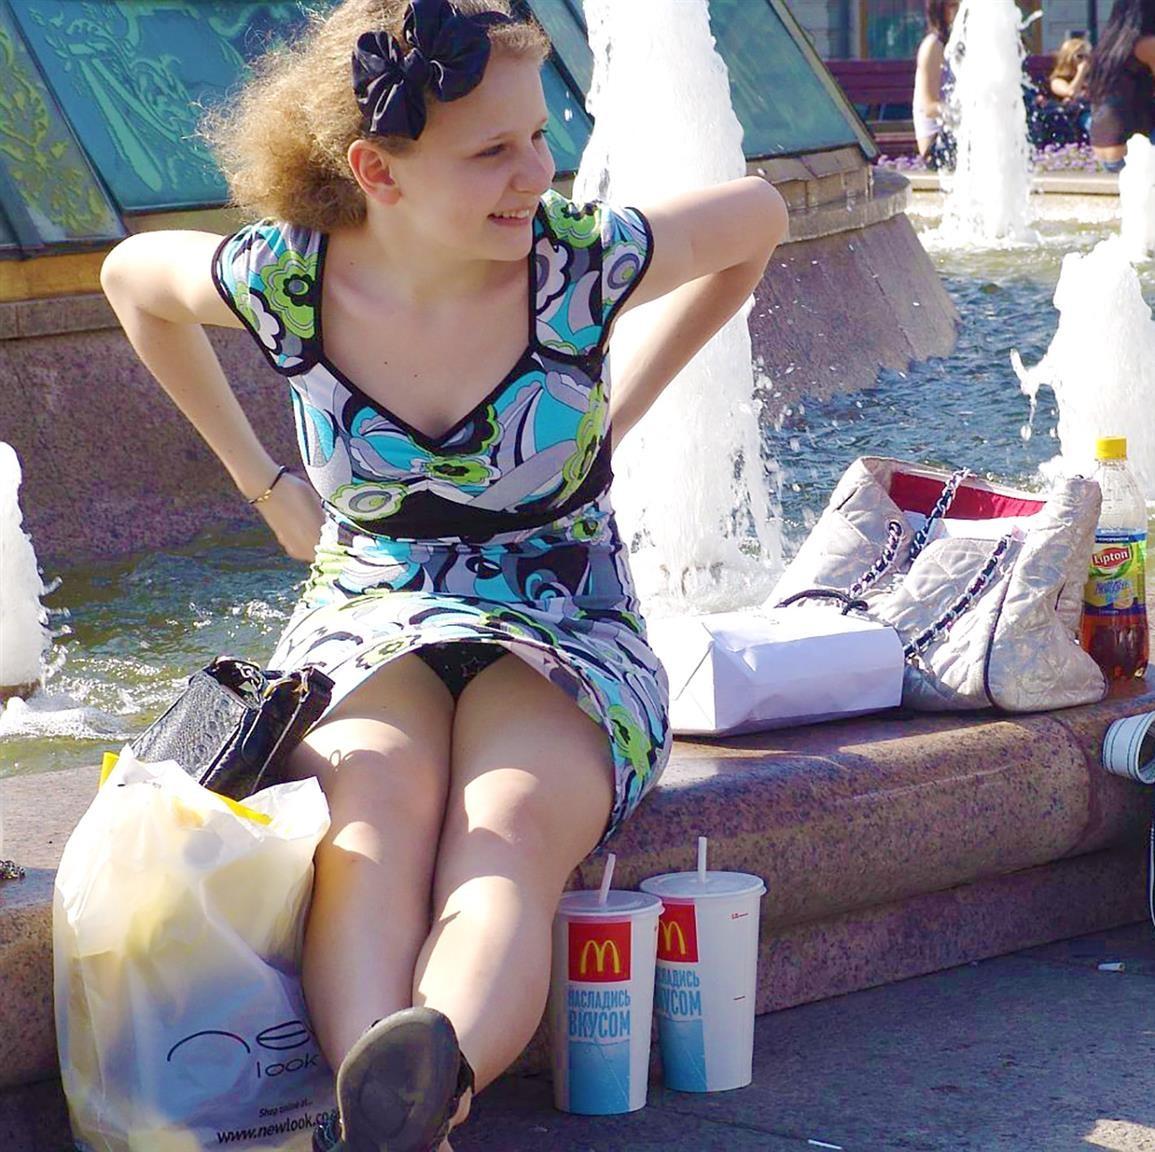 Рыжеволосая девушка засветила у фонтана черные кружевные трусики